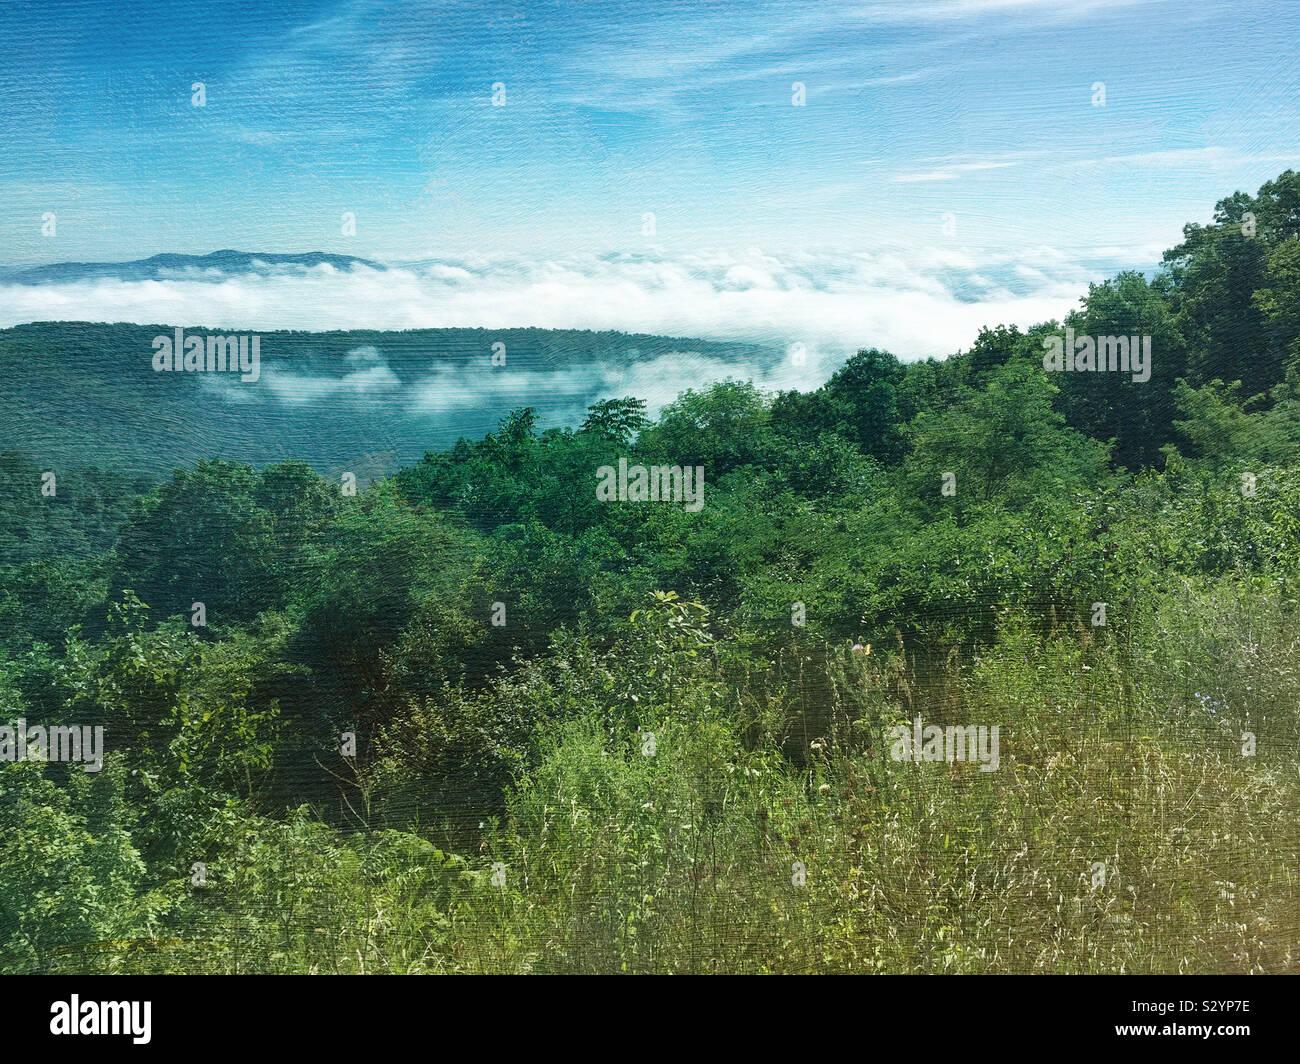 Durante la stagione estiva il paesaggio veduta panoramica della Appalachian Range di montagna nel Parco Nazionale di Shenandoah Virginia STATI UNITI D'AMERICA. Questa immagine ha una texture pittorica di effetto. Foto Stock